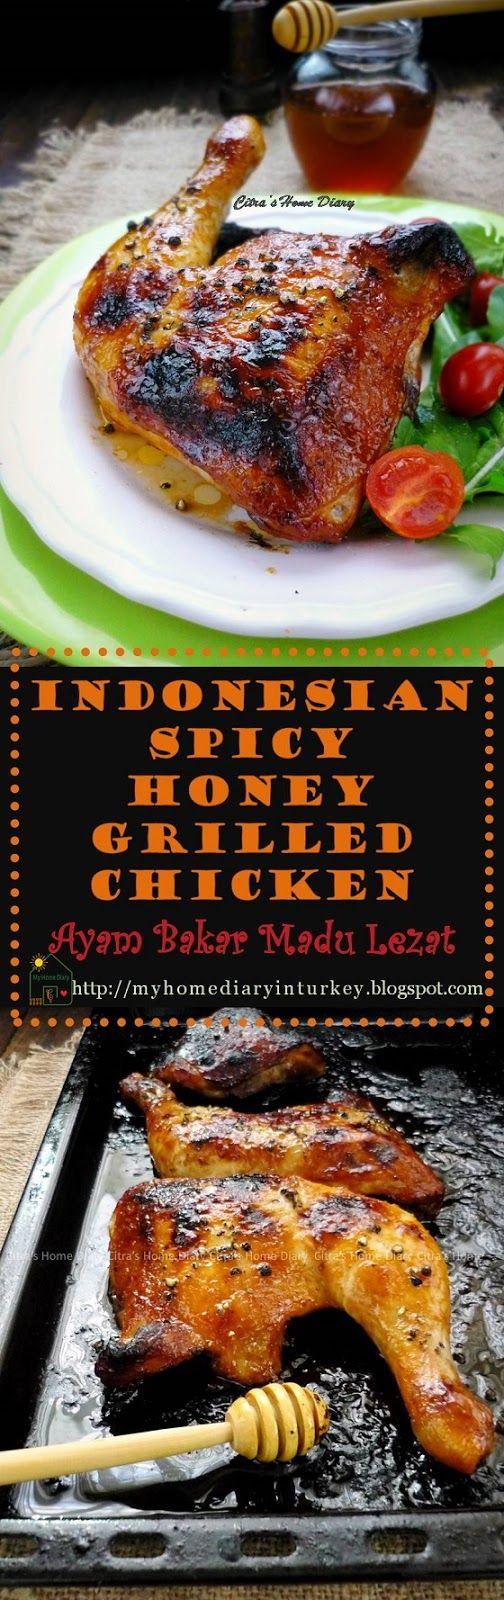 AYAM BAKAR MADU YANG LEZAT /  İndonesian Spicy Honey Grilled Chicken. #ayambakarmadu #ayambakar #indonesian #grilledchicken #asian #maindish #chickenrecipe